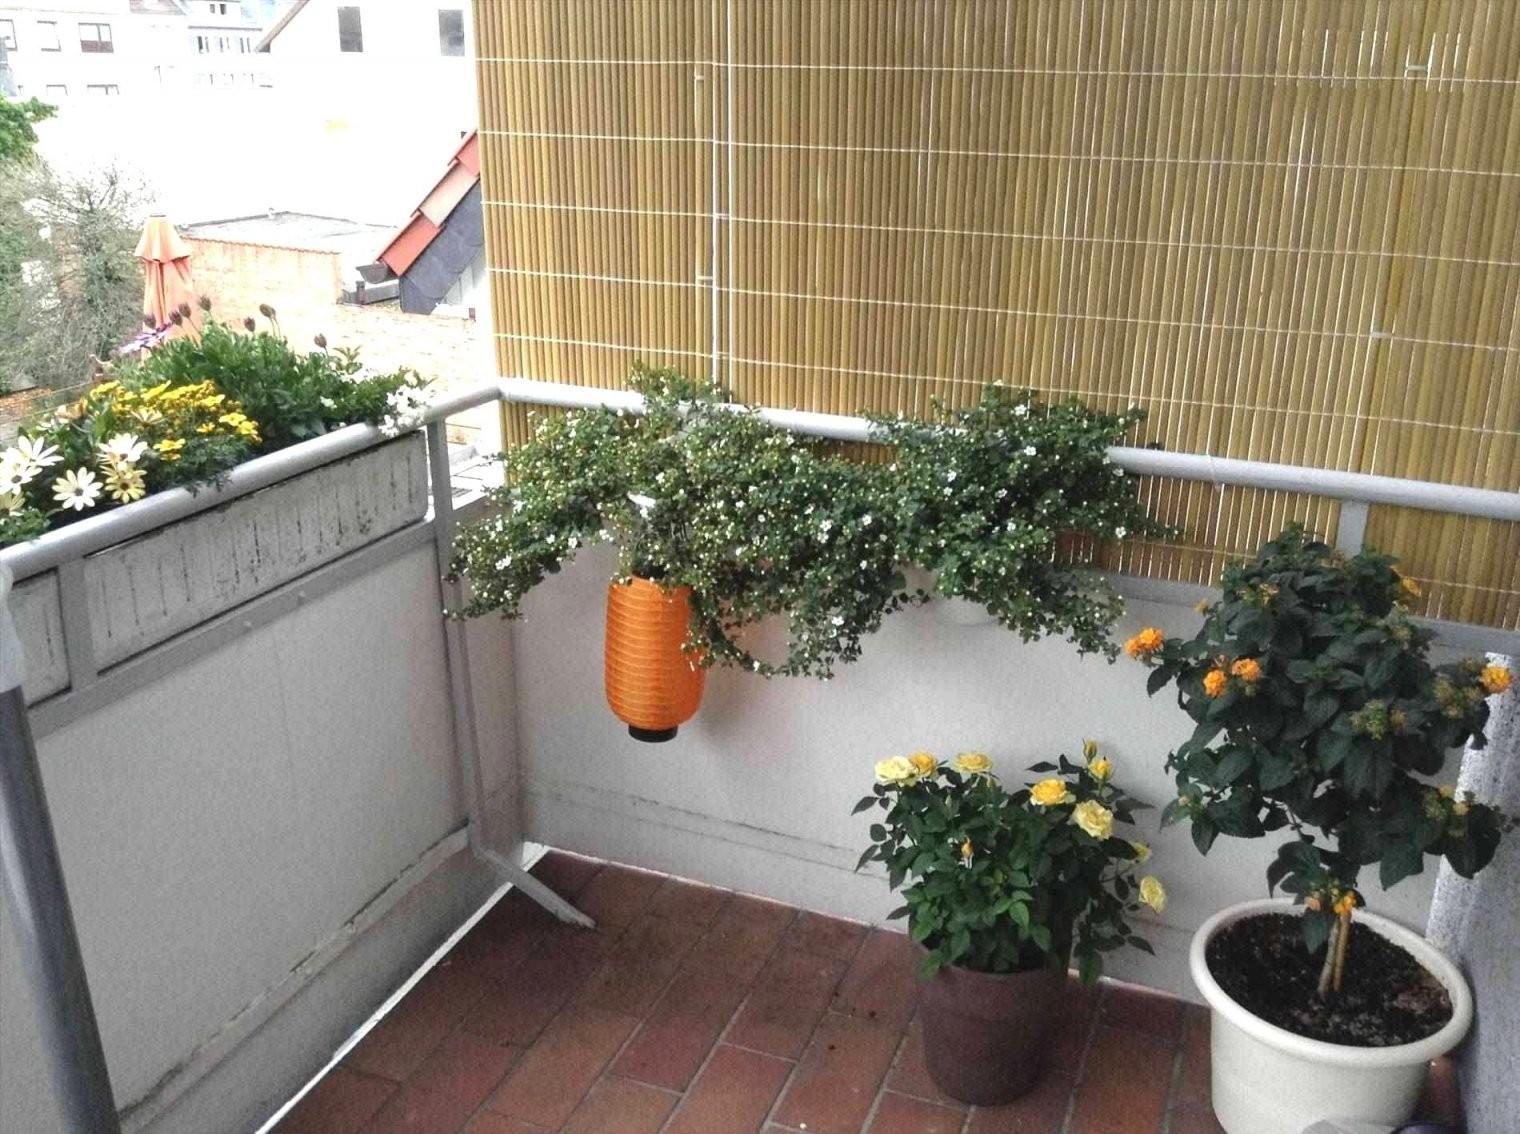 Sichtschutz Balkon Seitlich Ohne Bohren 45 Skizze  Vetosb202 von Seitlicher Sichtschutz Für Balkon Ohne Bohren Bild